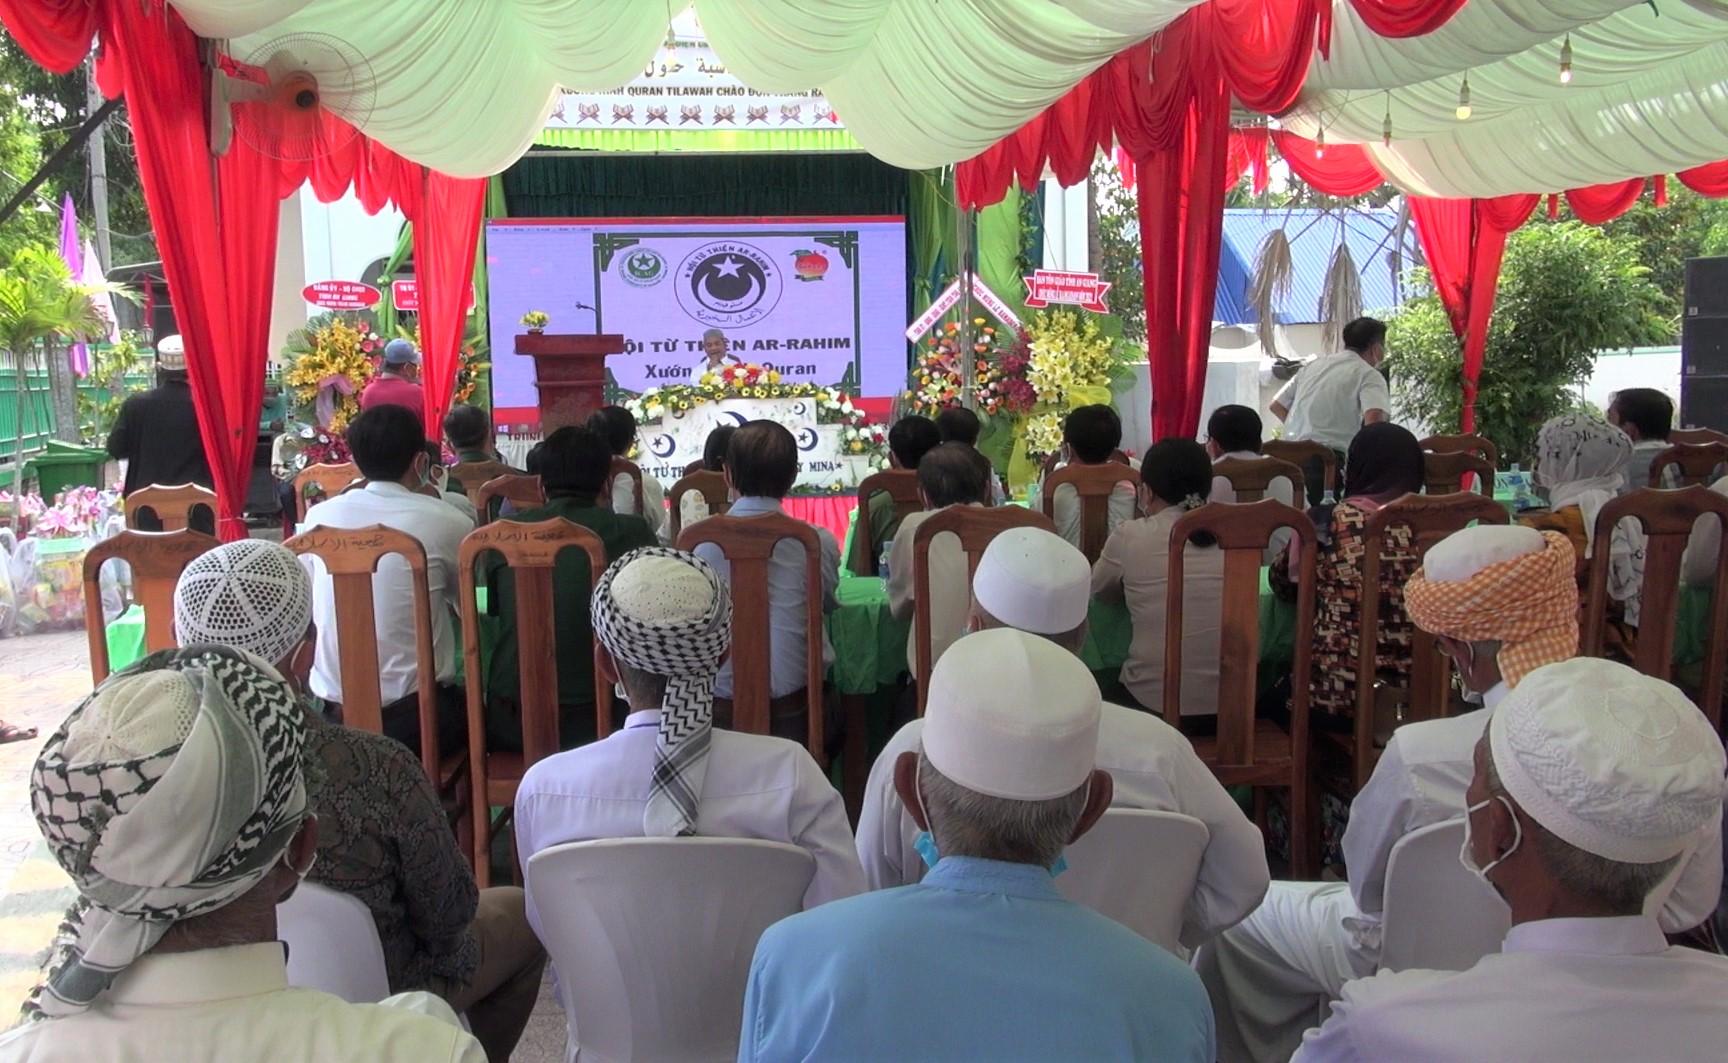 Đông đảo bà con tín đồ cộng đồng Chăm trên địa bàn thị xã Tân Châu đến dự Lễ Ramadan